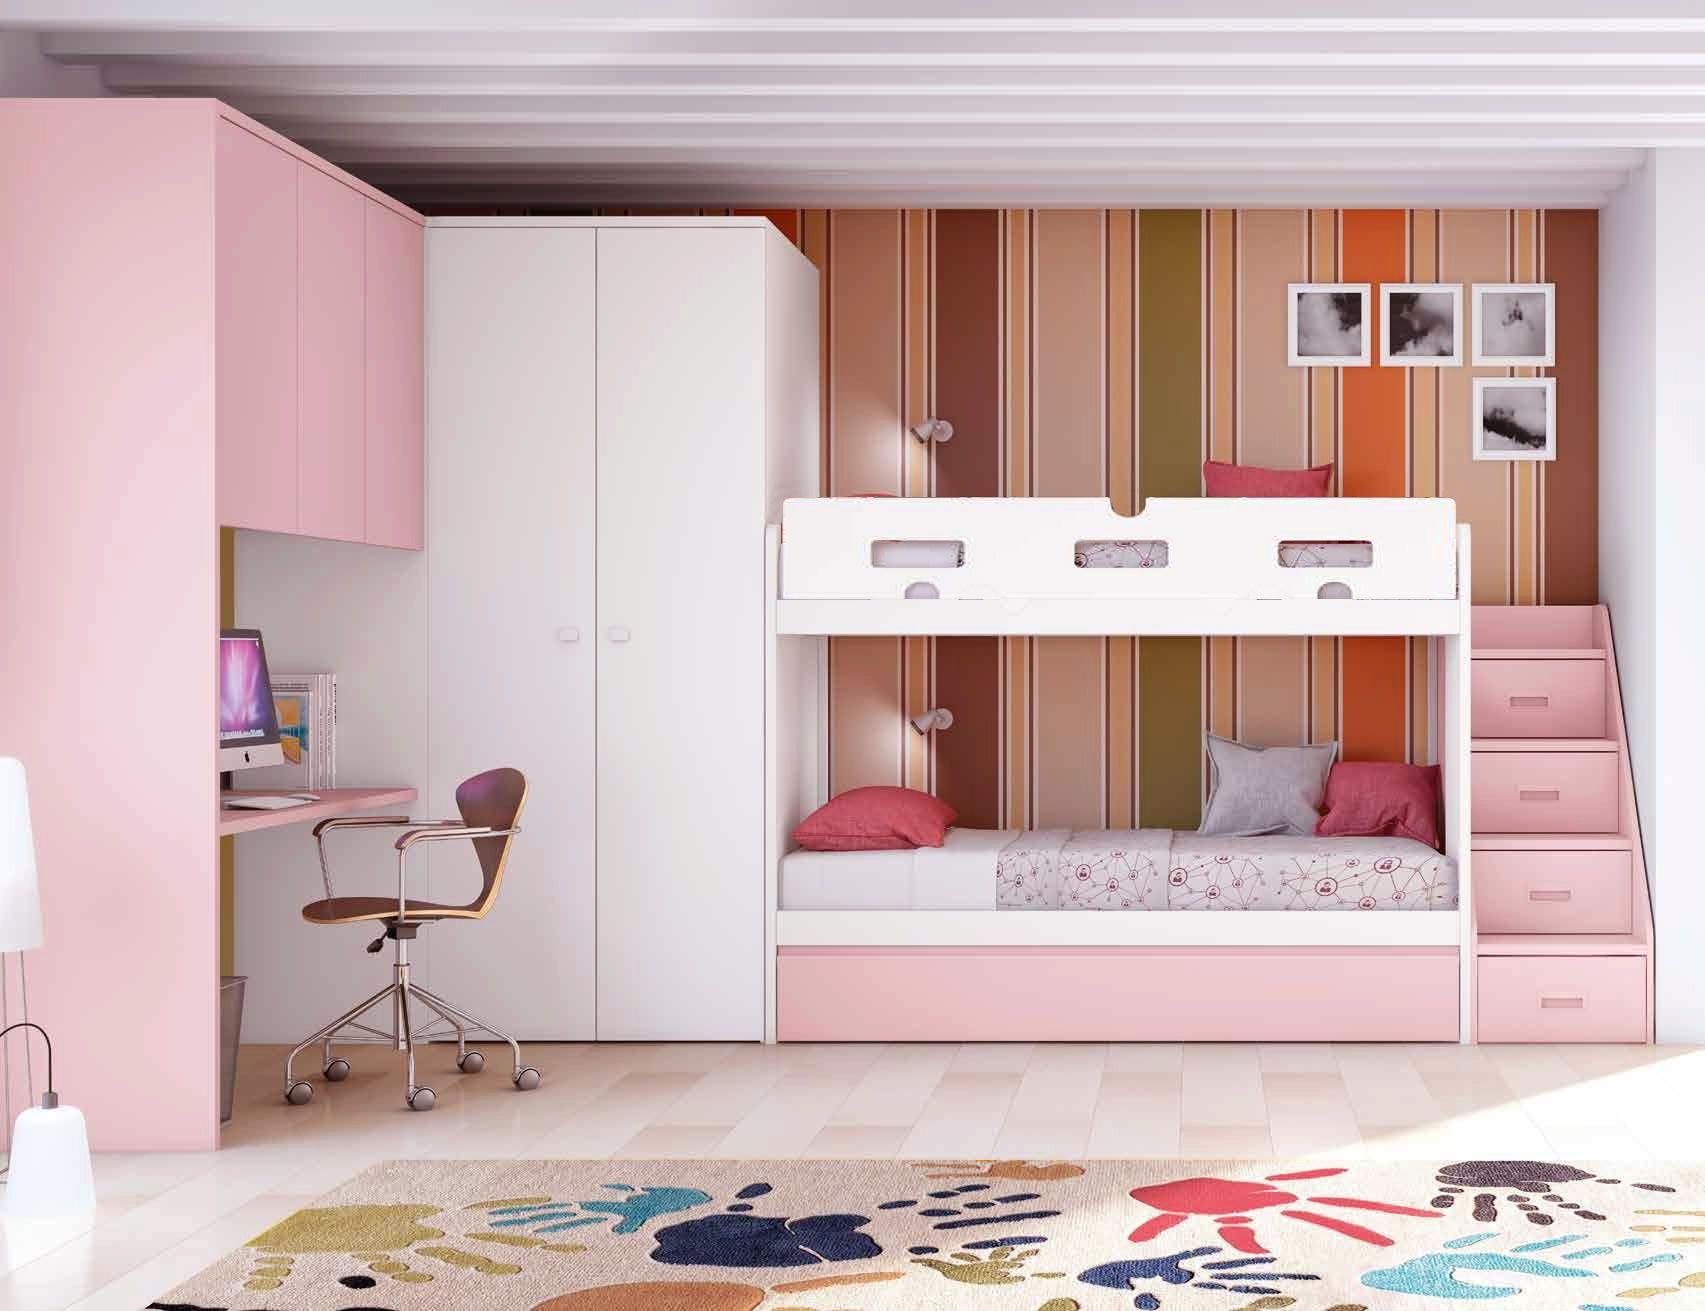 lit superpos fille personnalisable lit gigogne glicerio pinterest lit superpos fille. Black Bedroom Furniture Sets. Home Design Ideas